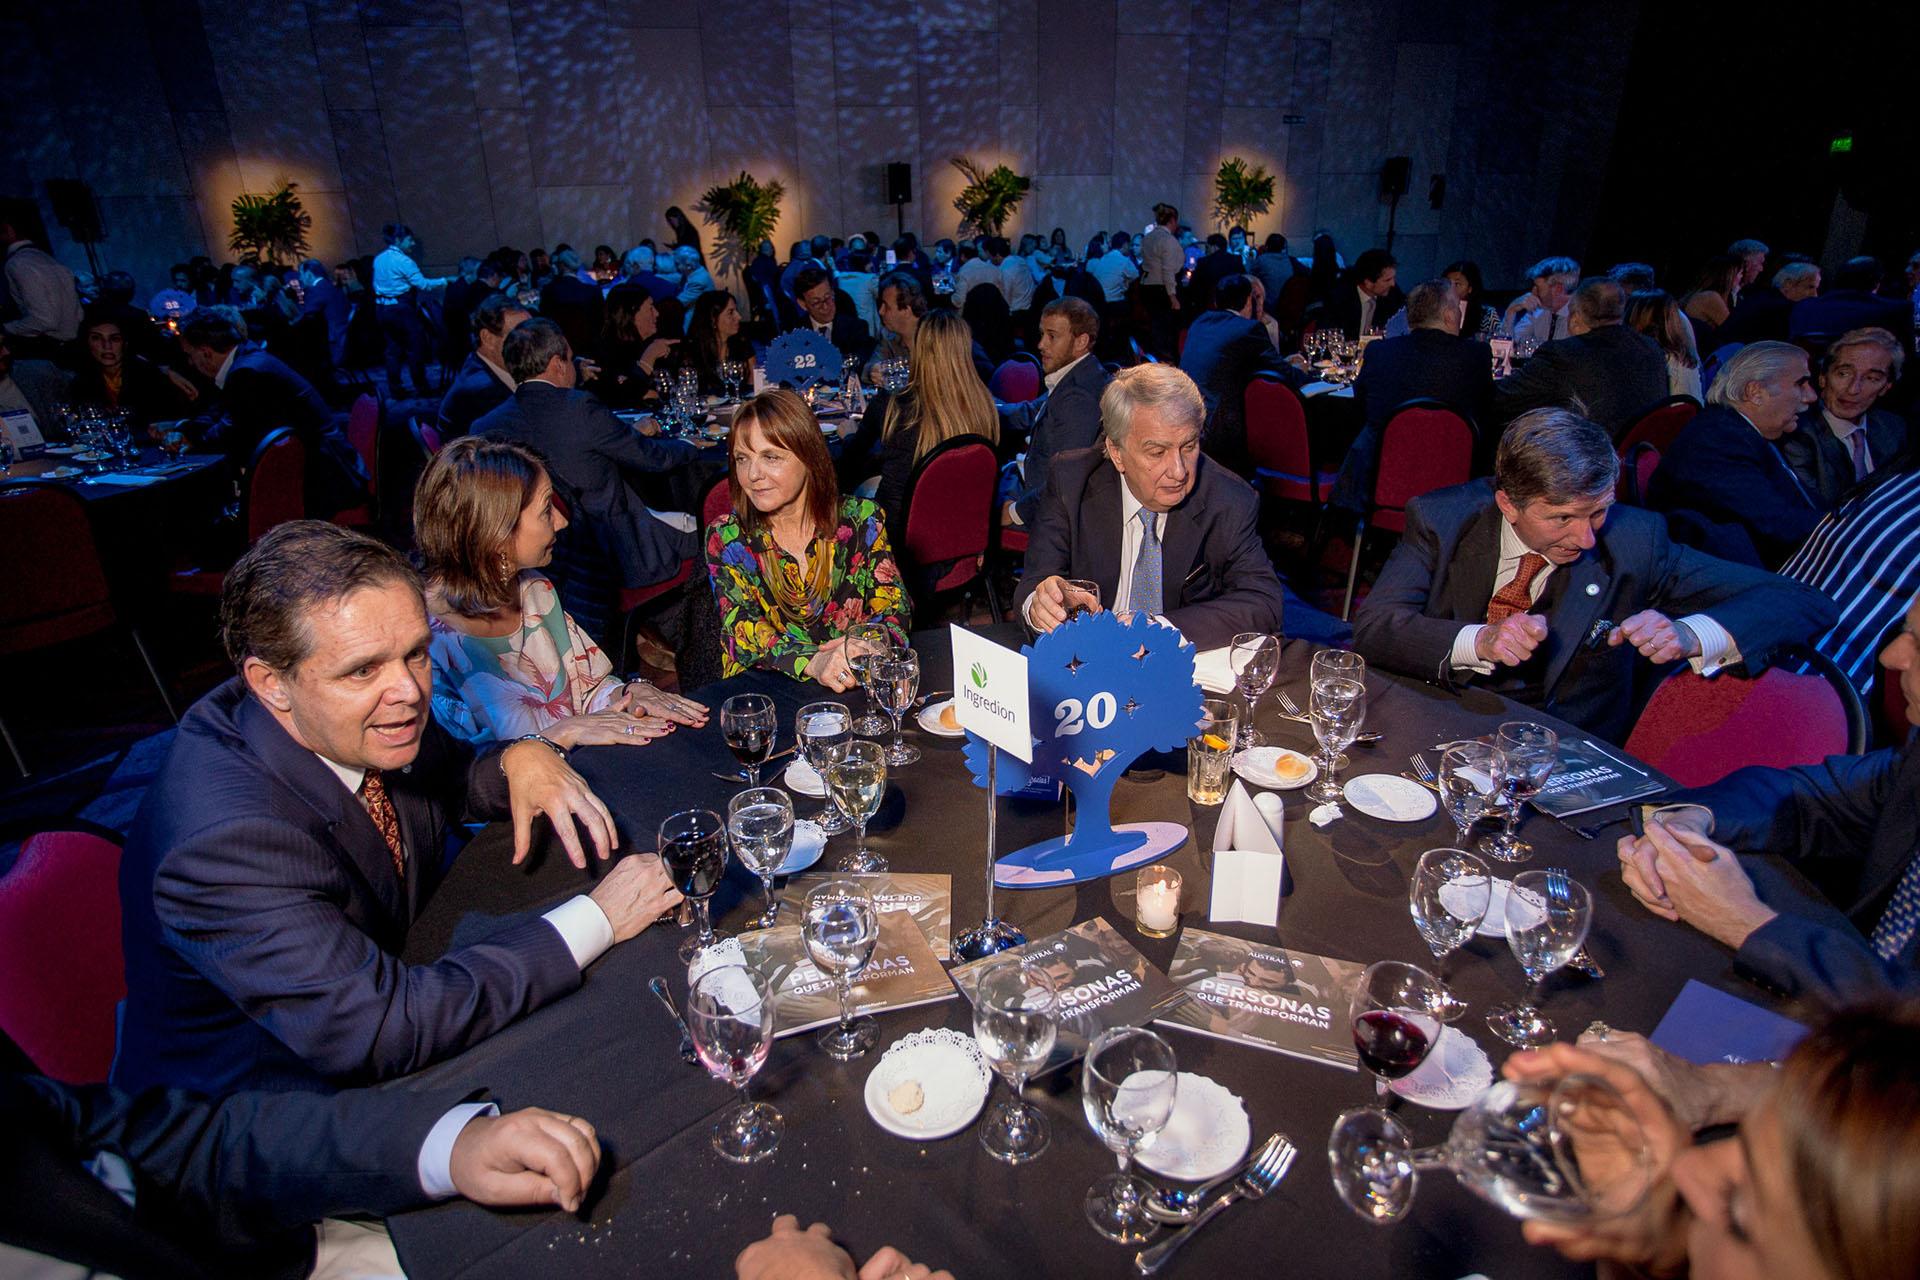 Los empresarios Pablo Plá, presidente de Ingredion, y Teddy Franck, ex Techint, fueron integrantes del comité de Desarrollo Institucional que llevó adelante la segunda Cena Austral